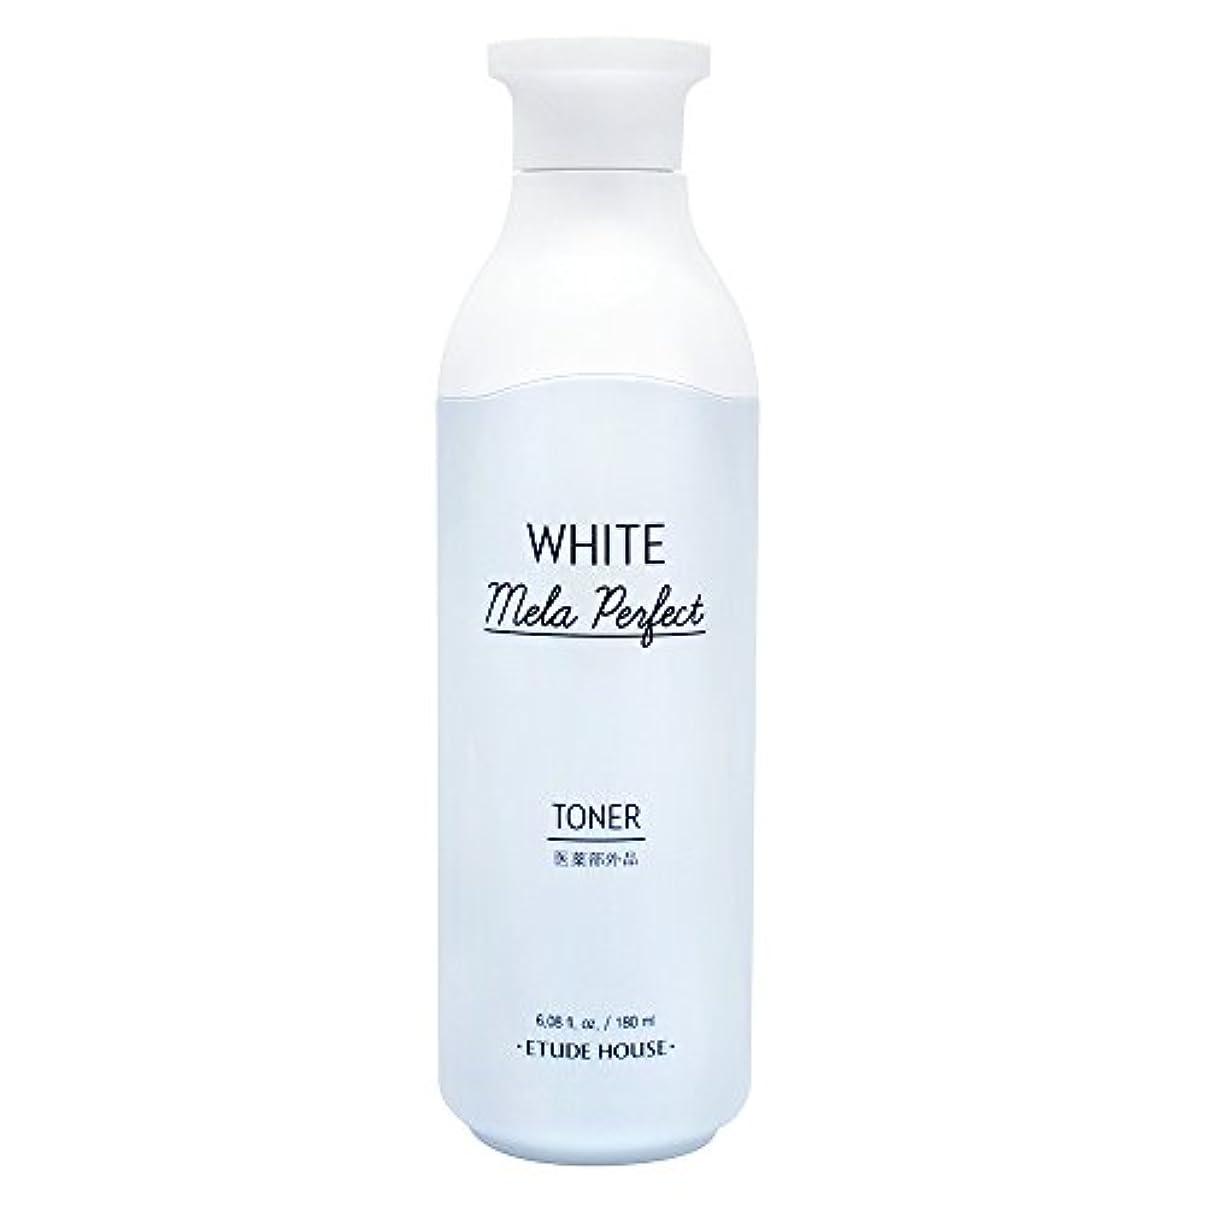 紫の優遇同様のエチュードハウス(ETUDE HOUSE) ホワイトメラパーフェクト トナー[美白化粧水、化粧水]